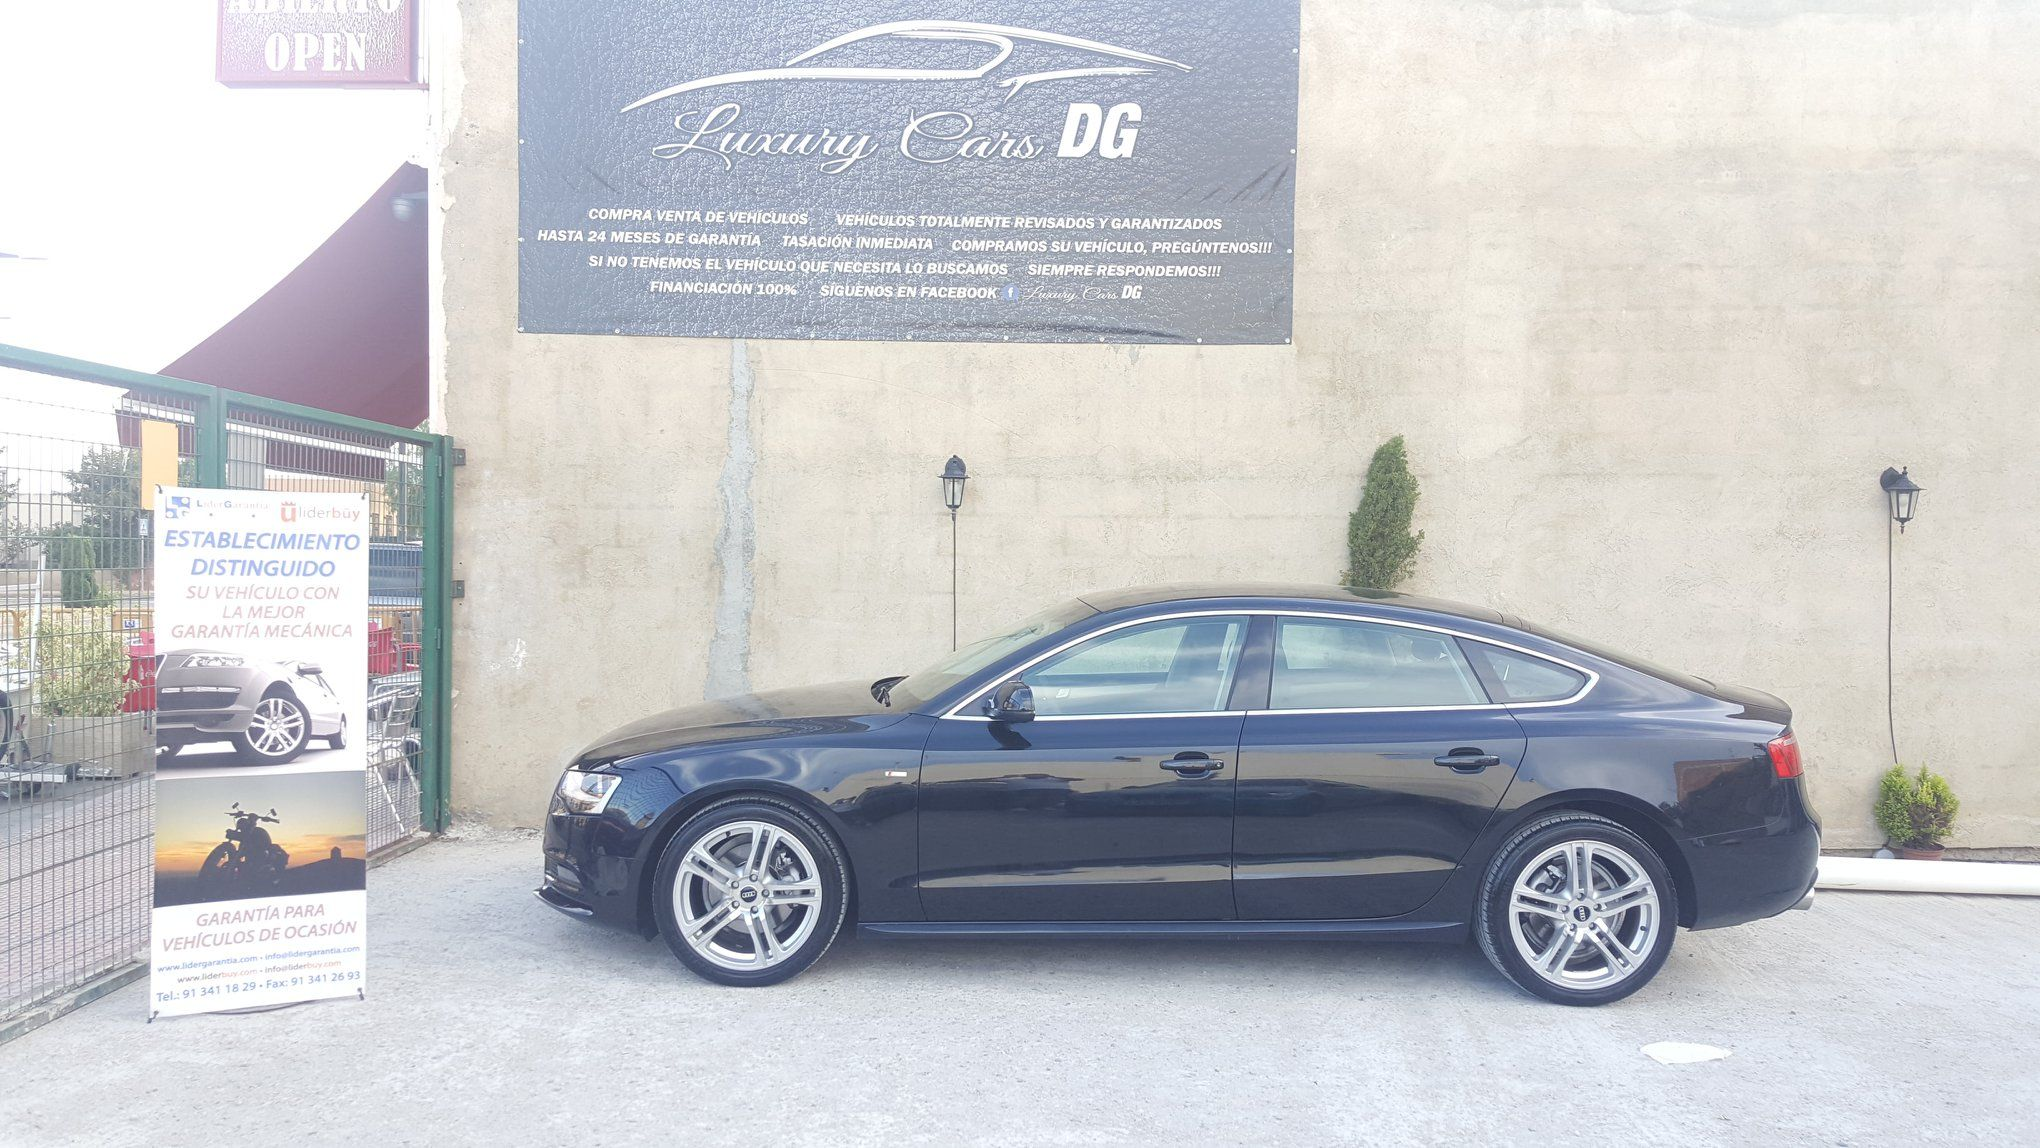 Audi A5 sportback 5 plazas: Venta de vehículos de Luxury Cars DG